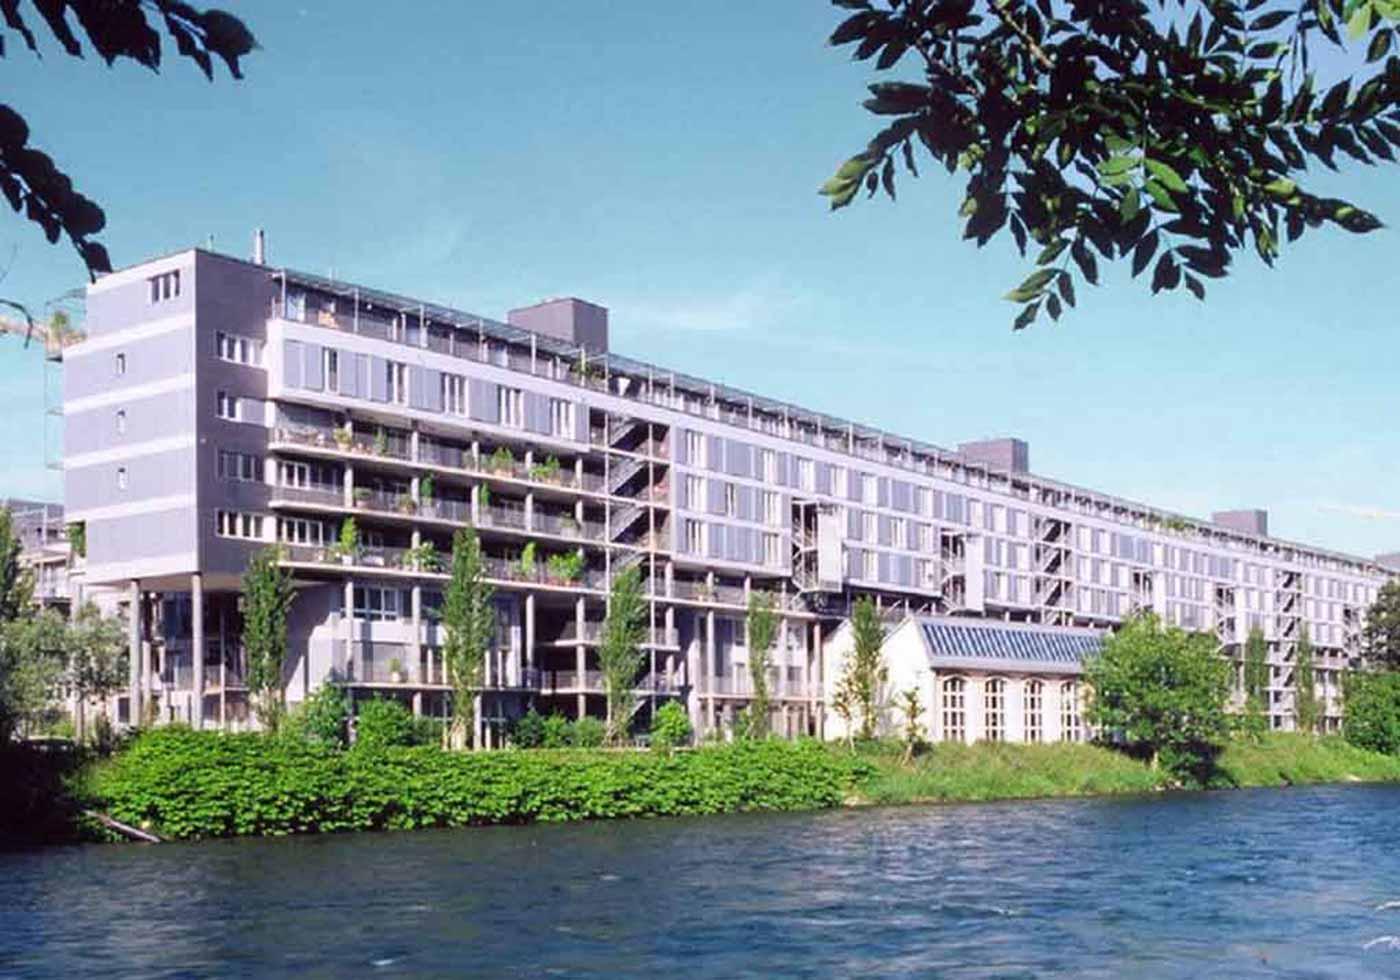 Limmatwest, Zurich, CH